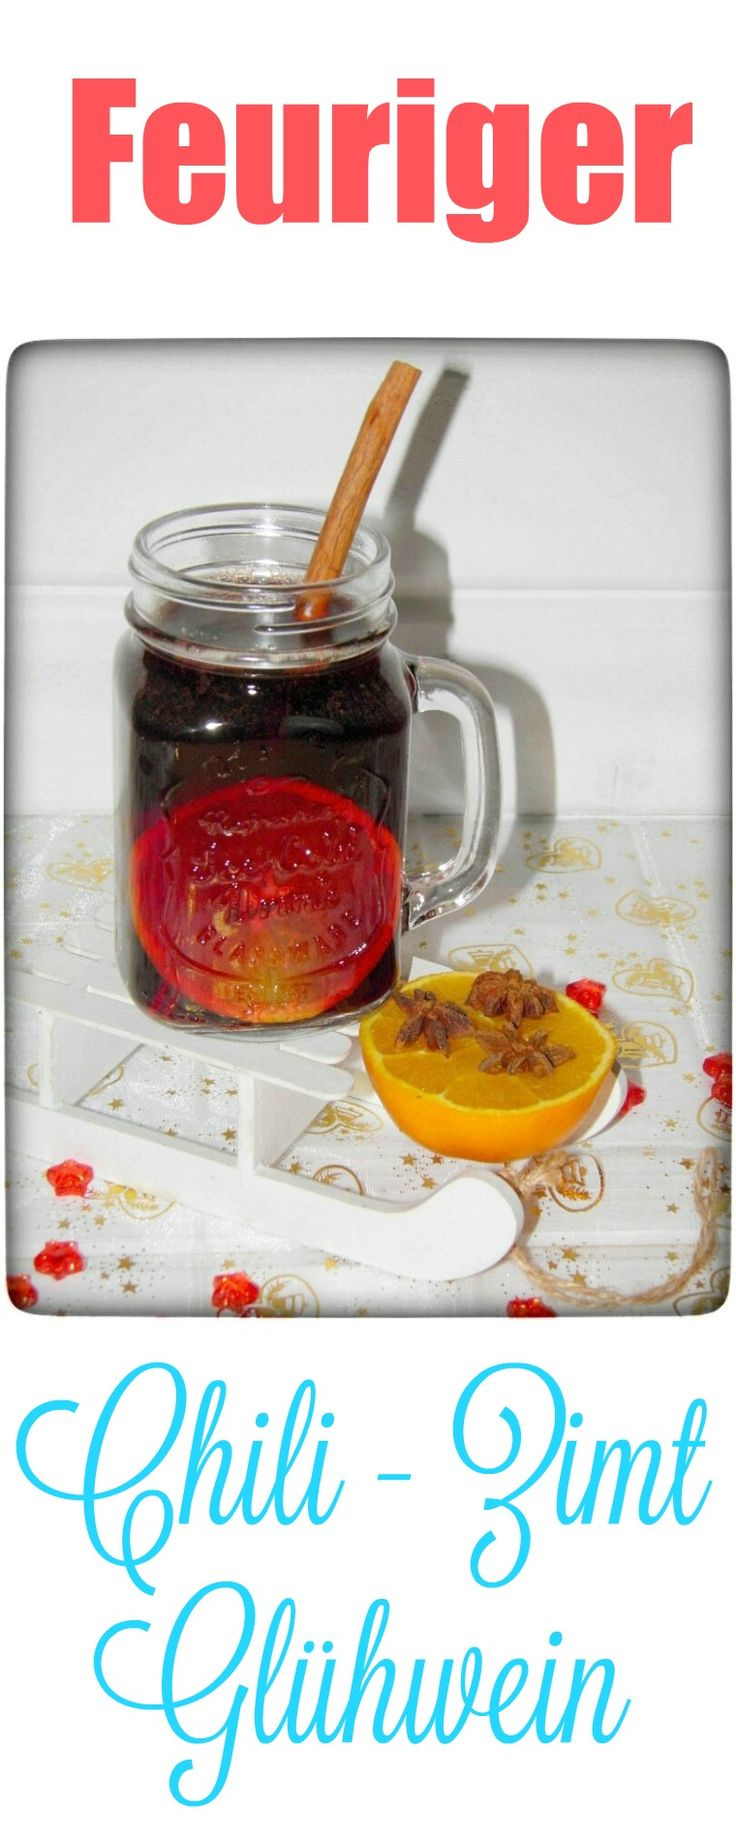 Der Chili-Zimt Glühwein ist eine leckere Kombination aus Rotwein, Tee, Rum, Orangensaft, leckeren Gewürzen und einem Schuss Orangenlikör – vor allen Dingen wie immer bei meinen Rezepten mit wenig Zucker. Natürlich ist selbstgemachter Glühwein um Welten besser als alle gekauften, ziemlich süß schmeckenden Glühweine – denn hier kann ich die Zuckerzugabe genau kontrollieren.